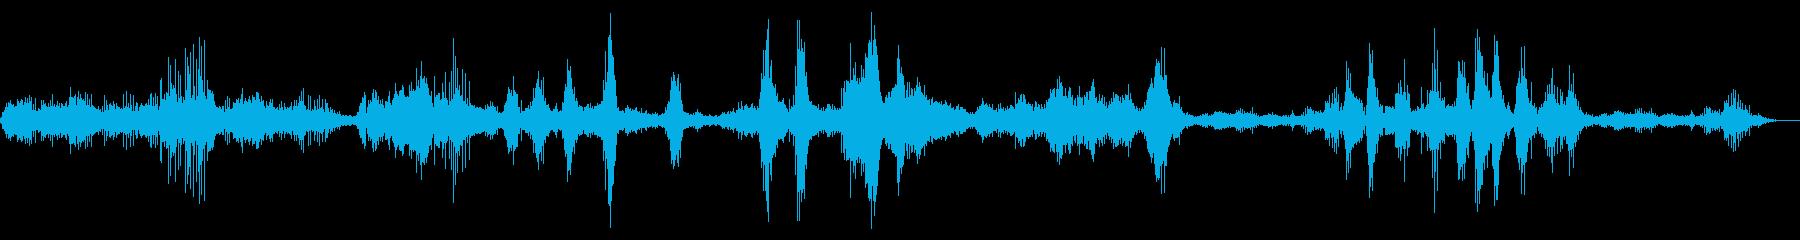 ハミングバードフライング、非常に高...の再生済みの波形